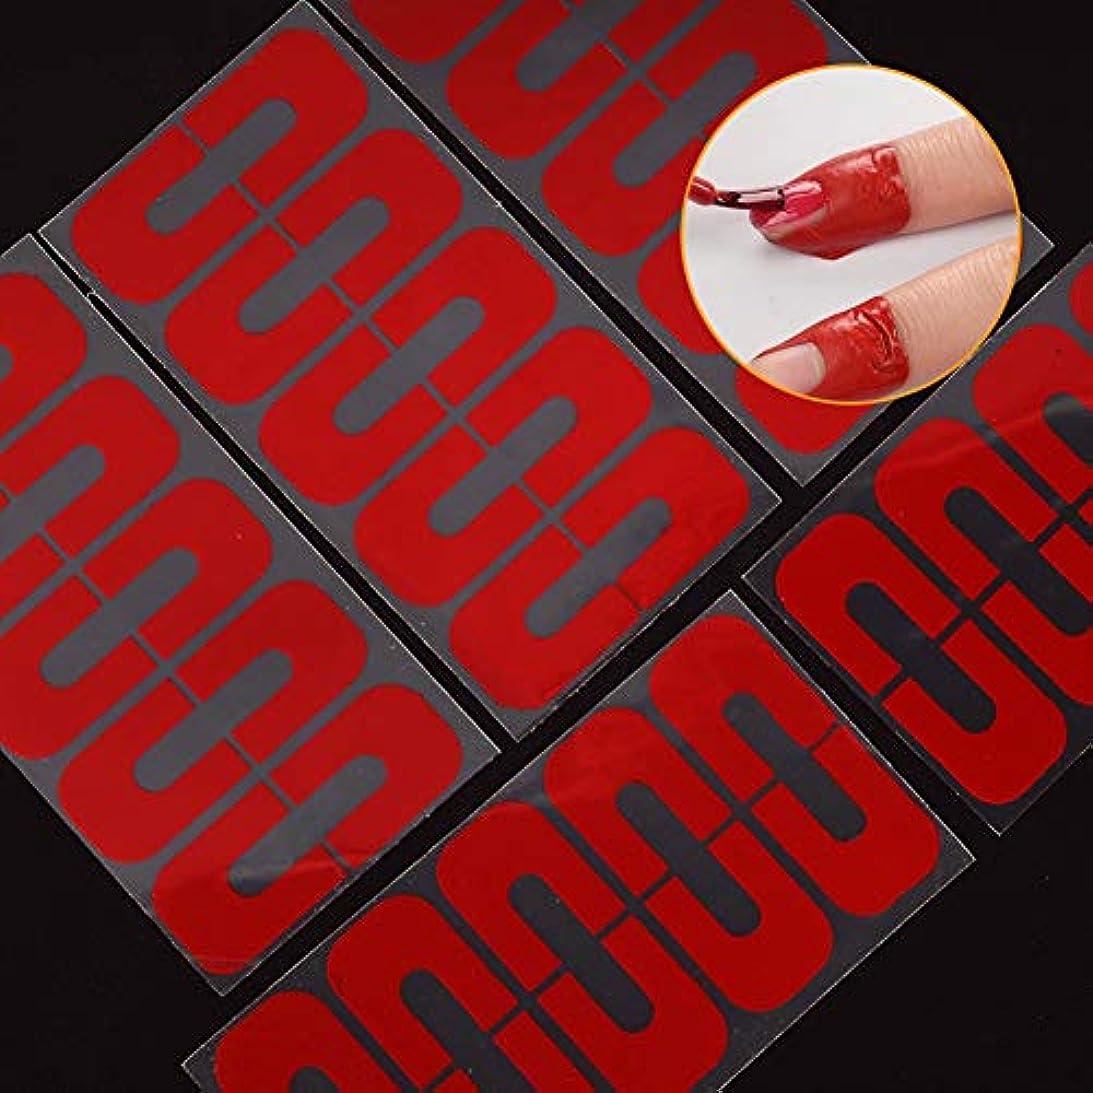 創造適合する独立してhamulekfae-50個使い捨てU字型こぼれ防止ネイルプロテクター弾性指カバーステッカー - 赤50個Red50pcs